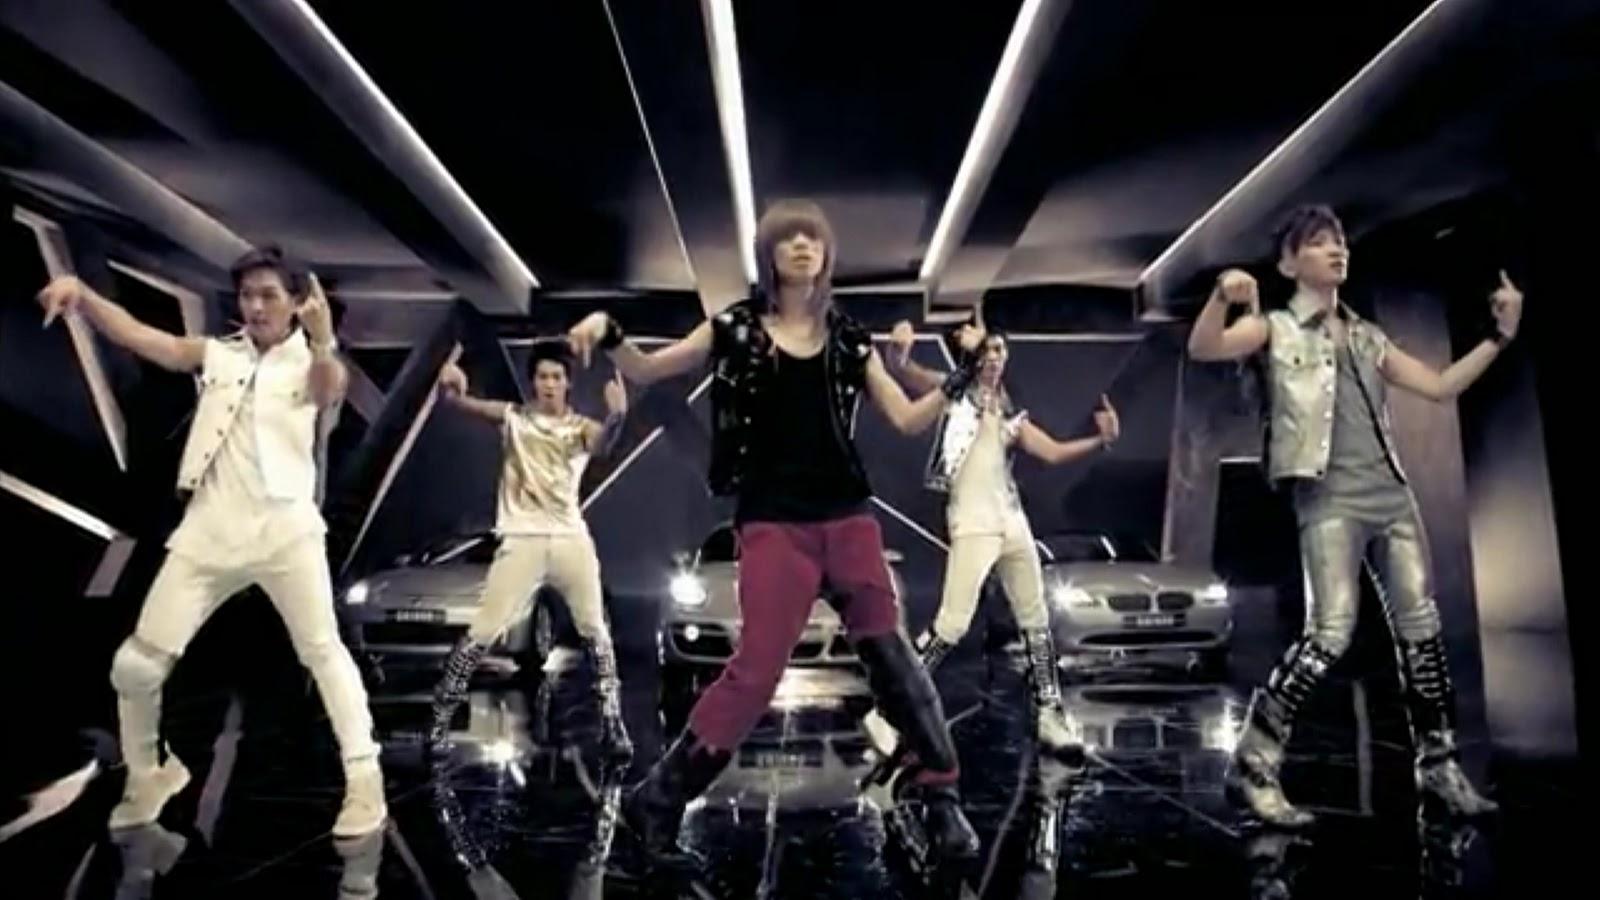 Kpop: Kpop: Kpop Illuminati